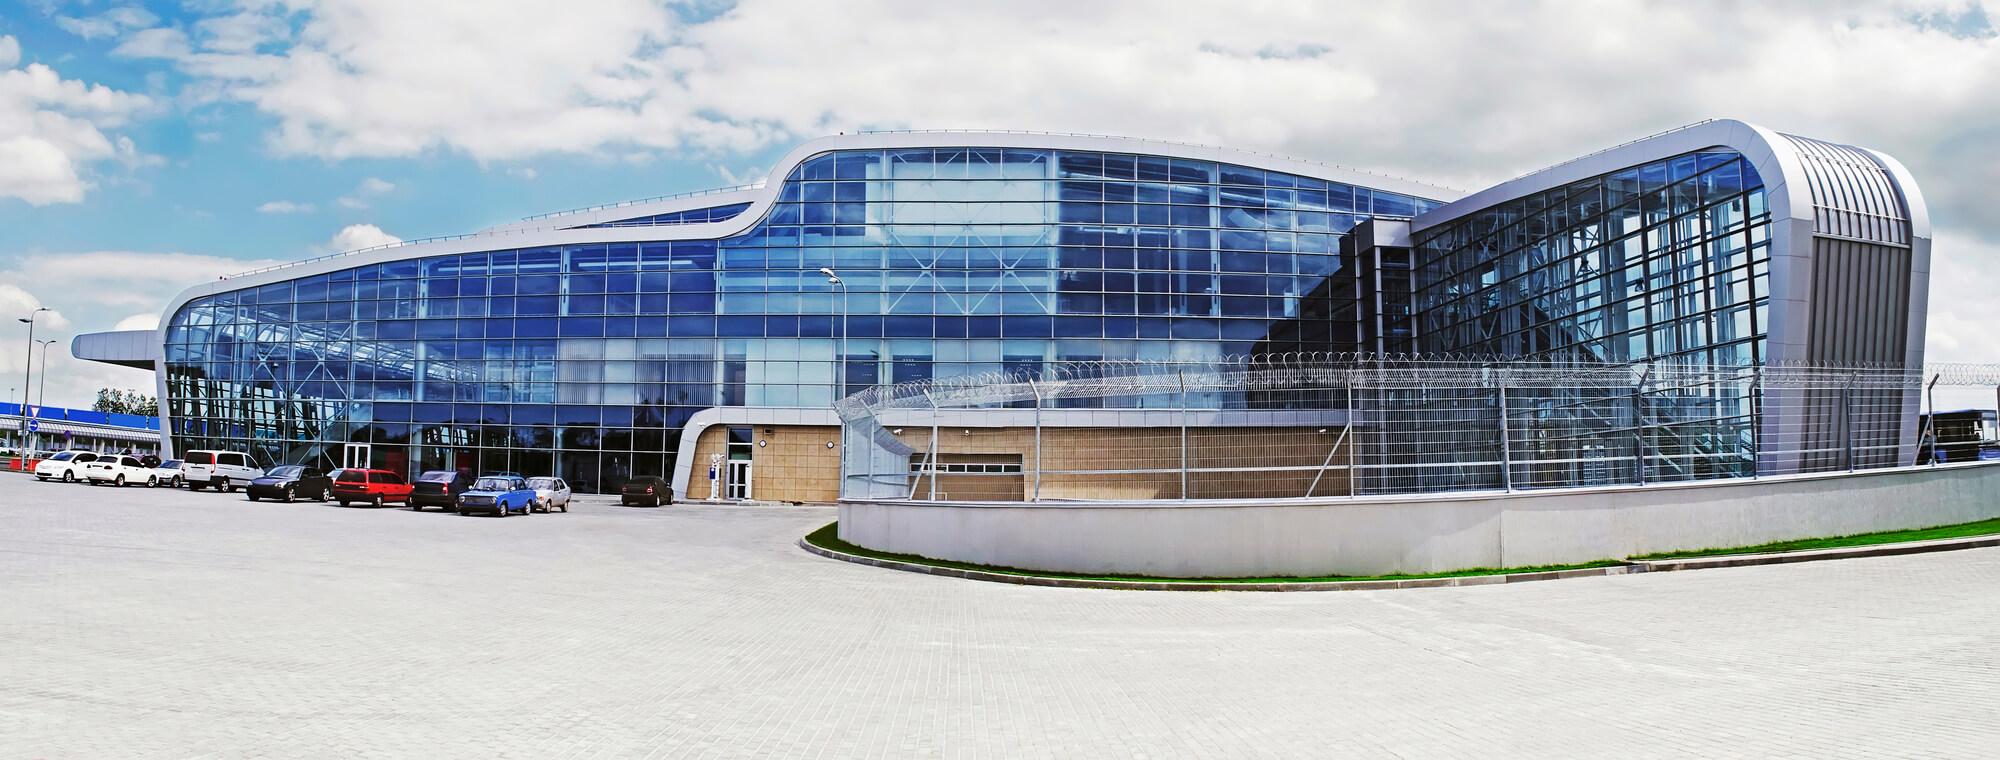 Львівський аеропорт перевіз на 52% більше пасажирів